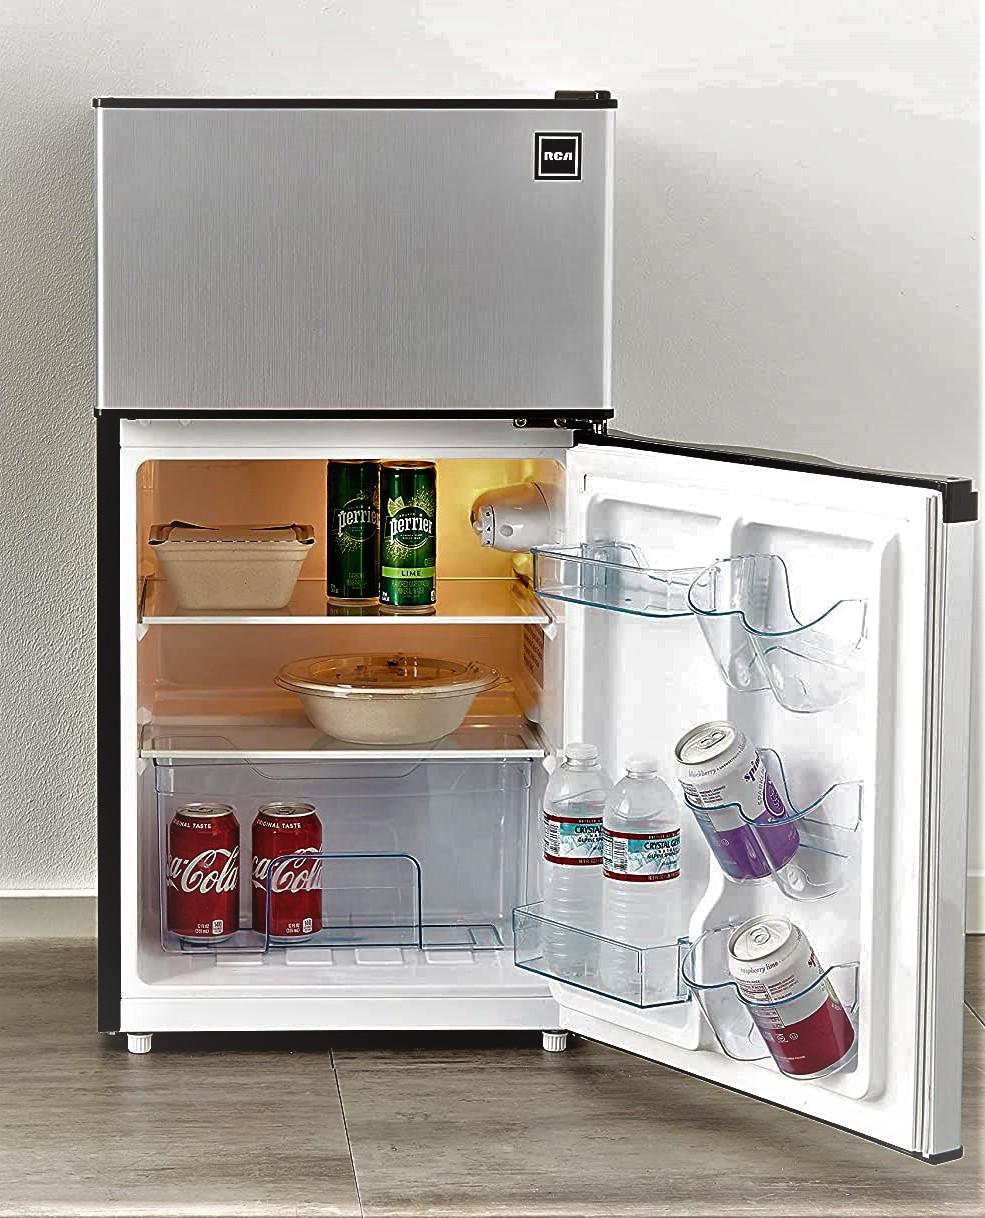 RCA 3.2 Cu Ft Two Door Fridge and Freezer